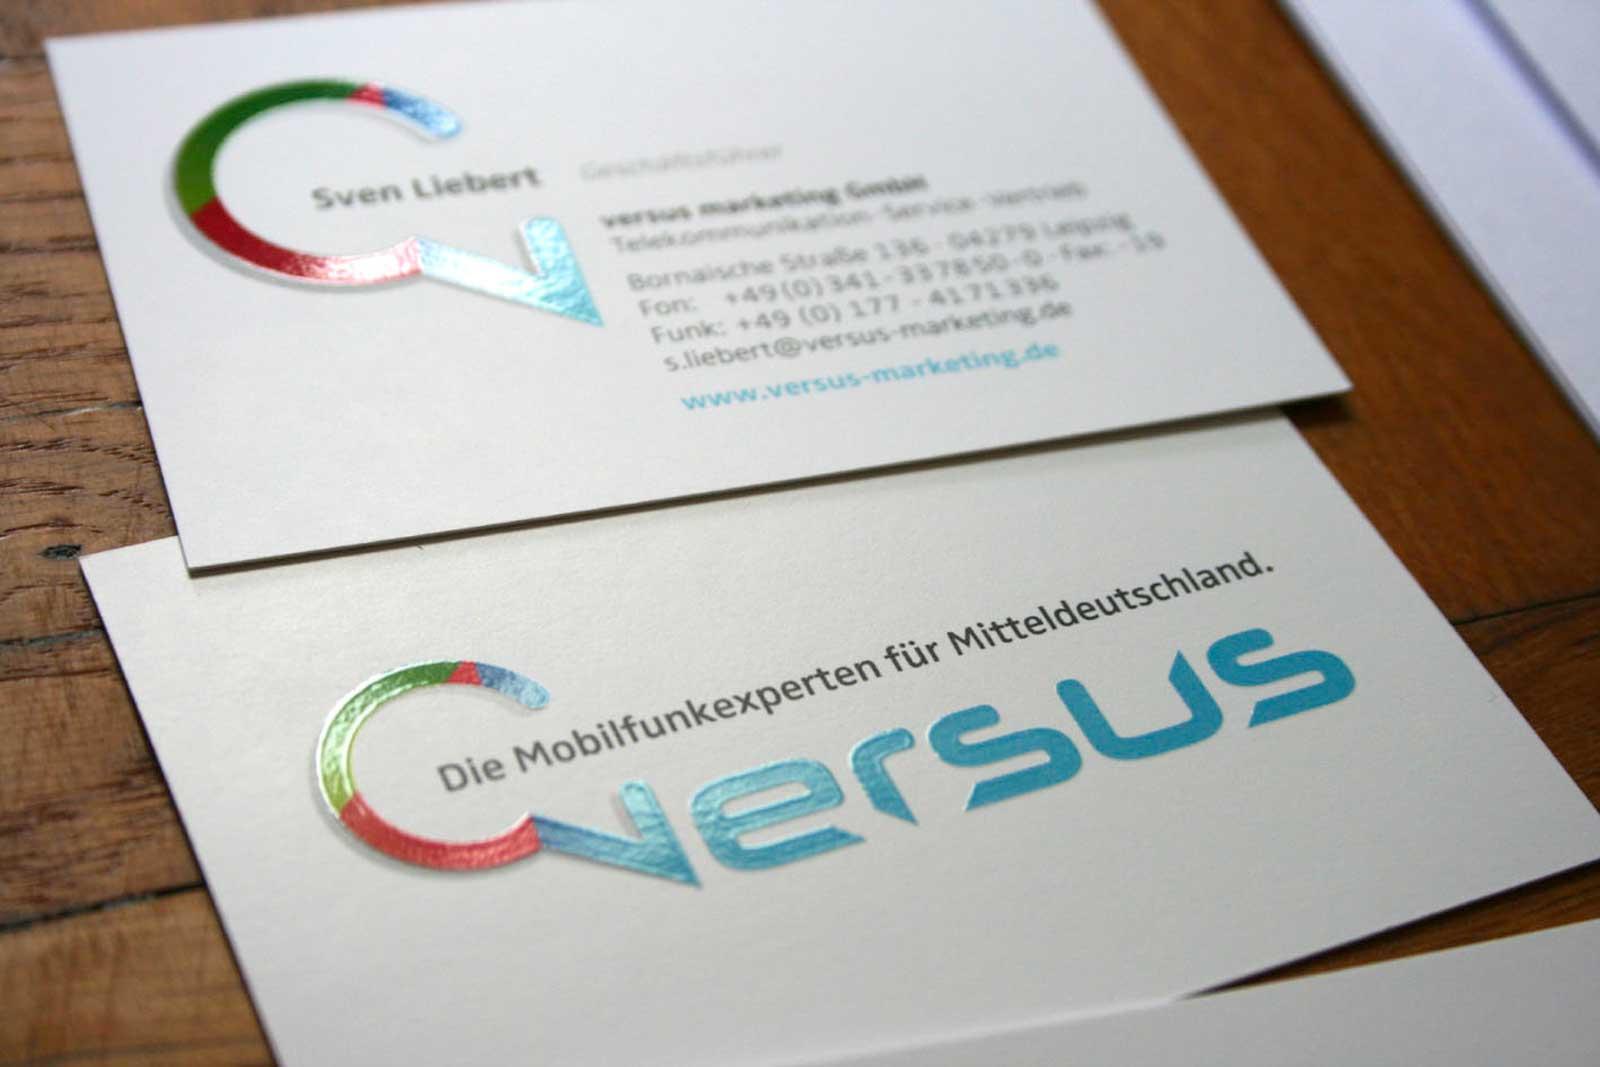 kathrin, krasselt, mediendesign, grafik, grafiker, leipzig, werbung, webdesign, logo, corporate, design, versus